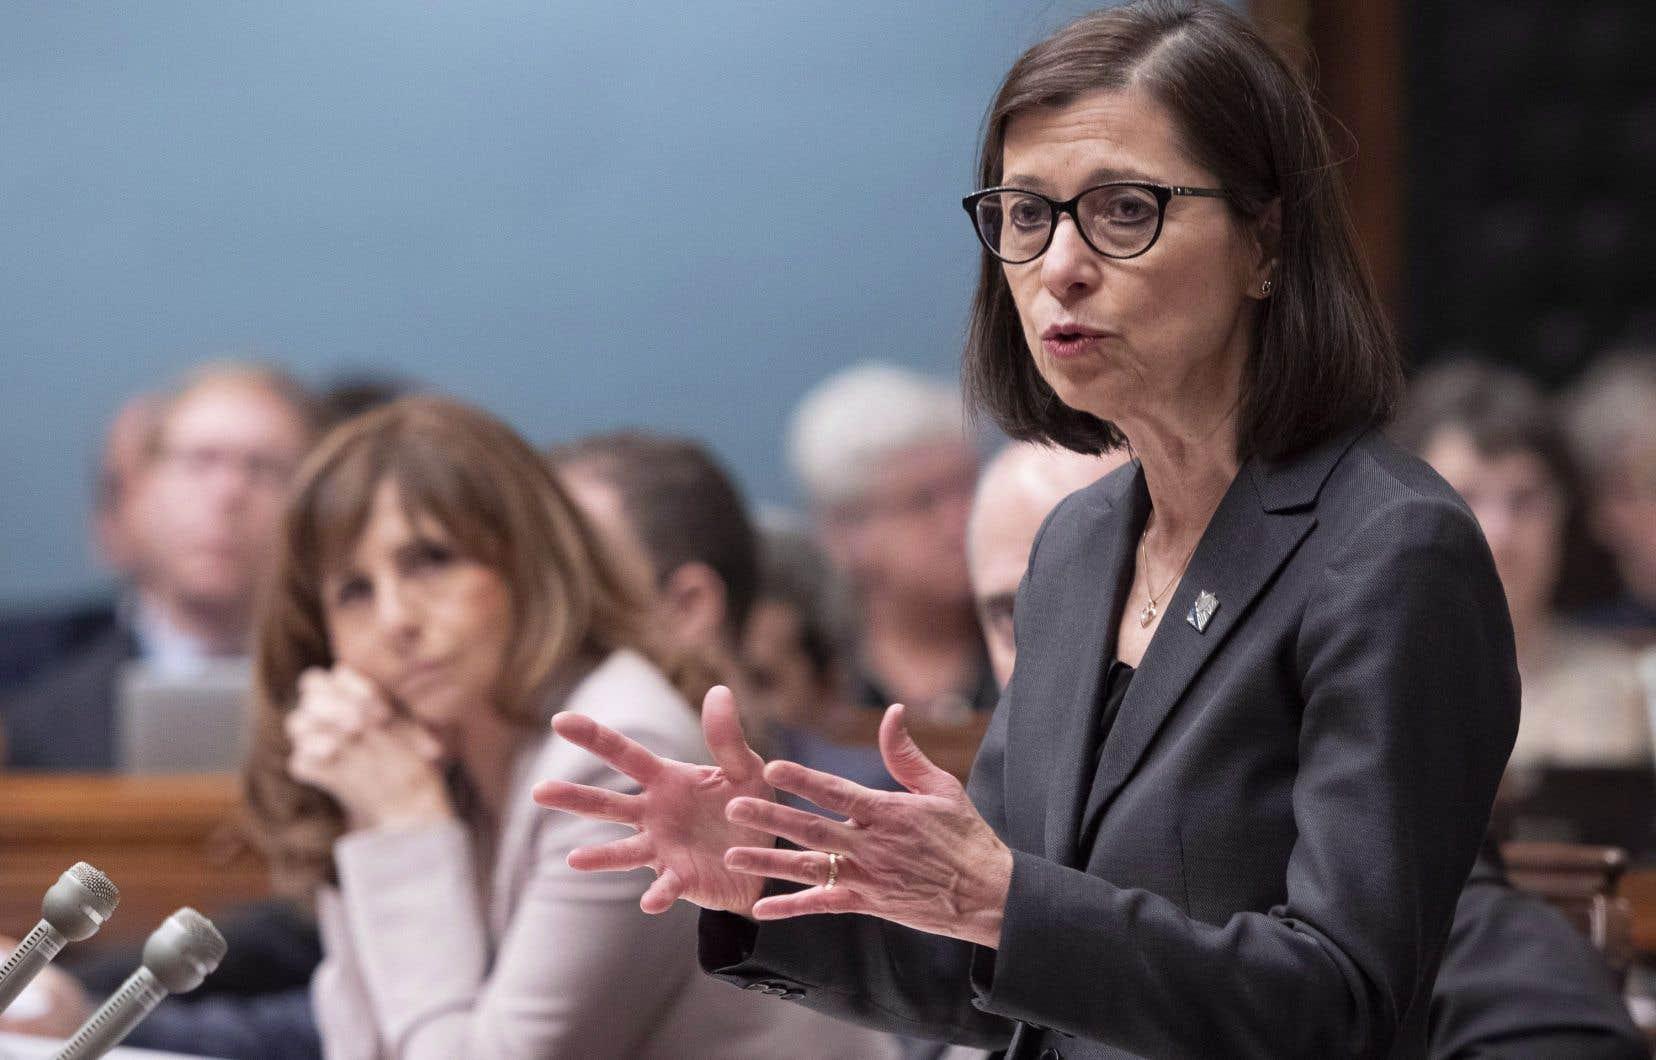 La ministre de la Santé et des Services sociaux, Danielle McCann, a annoncé que le gouvernement bonifiera les soins à domicile. Selon l'auteure, les élus devraient plutôt s'attaquer aux déplorables conditions de travail du personnel qui dispense ces services.